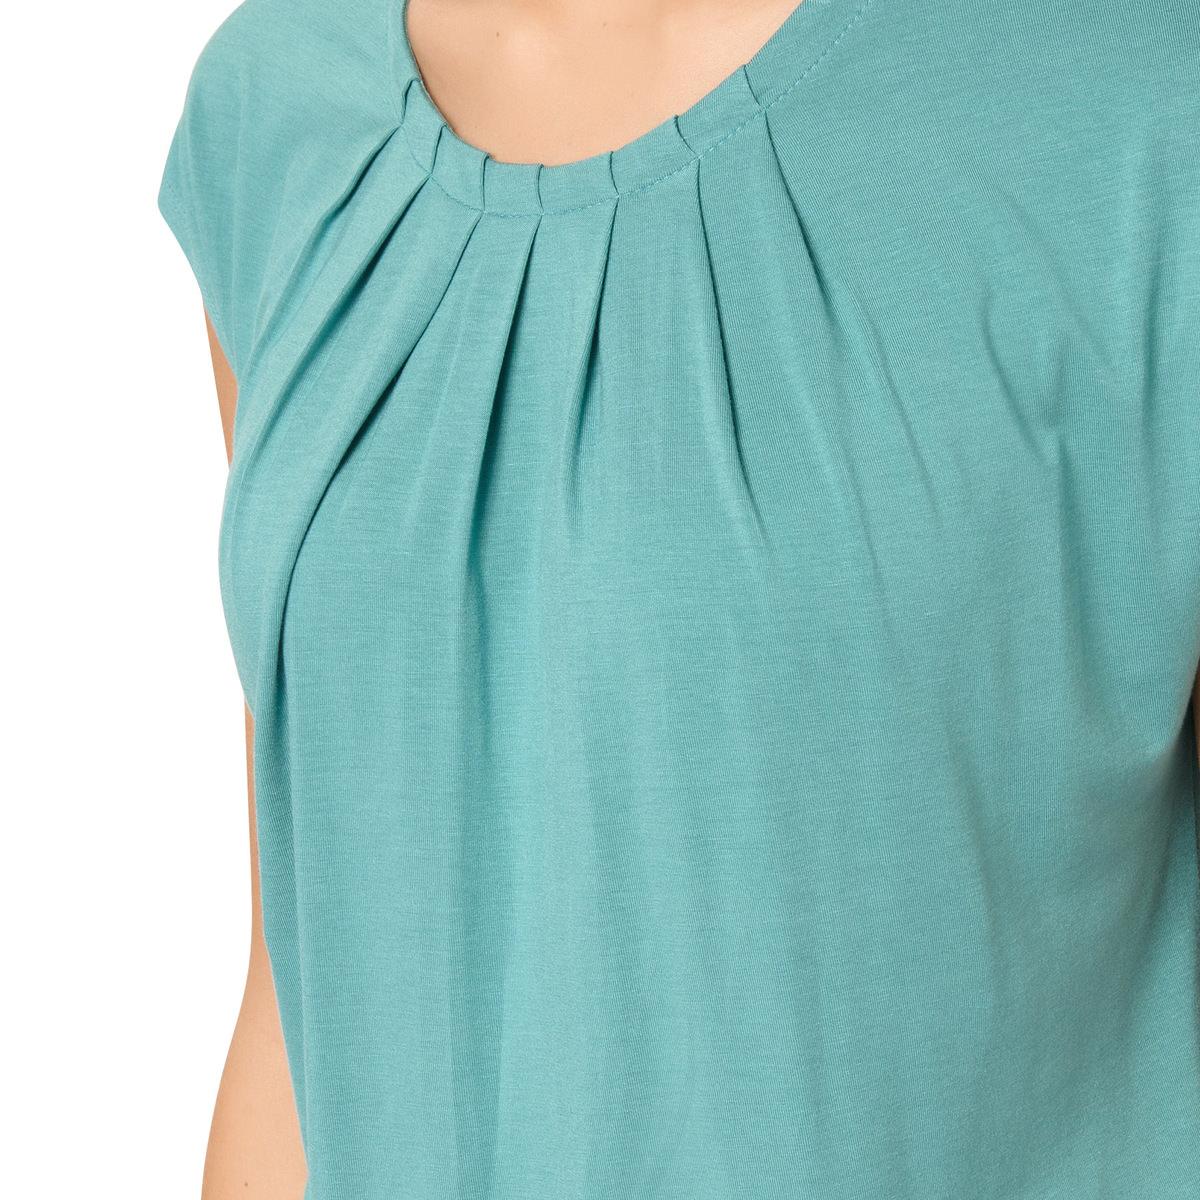 T-Shirt Rike mit frontalem Faltenwurf in light aqua